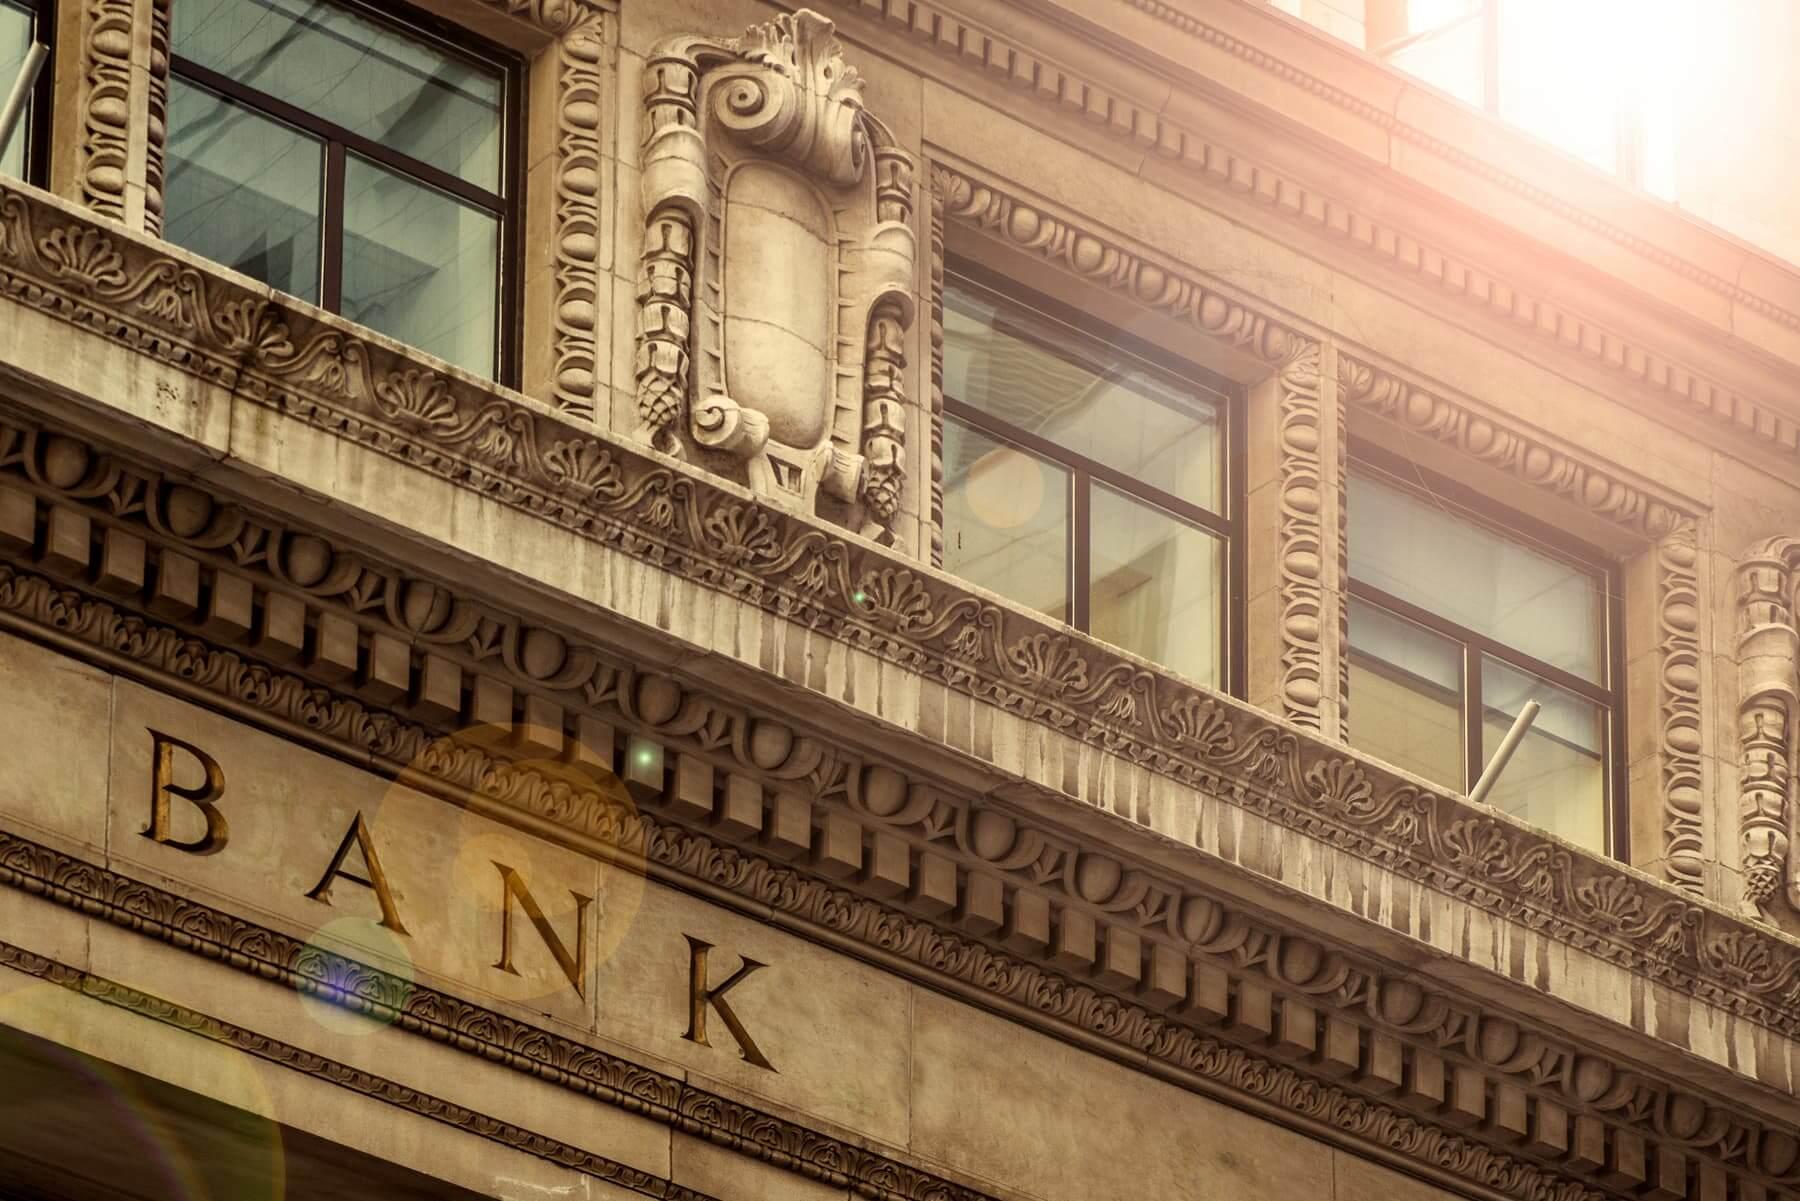 Hypothekenzinsen: Eigenkapital verbessert die Zinskondition Ihrer Finanzierung